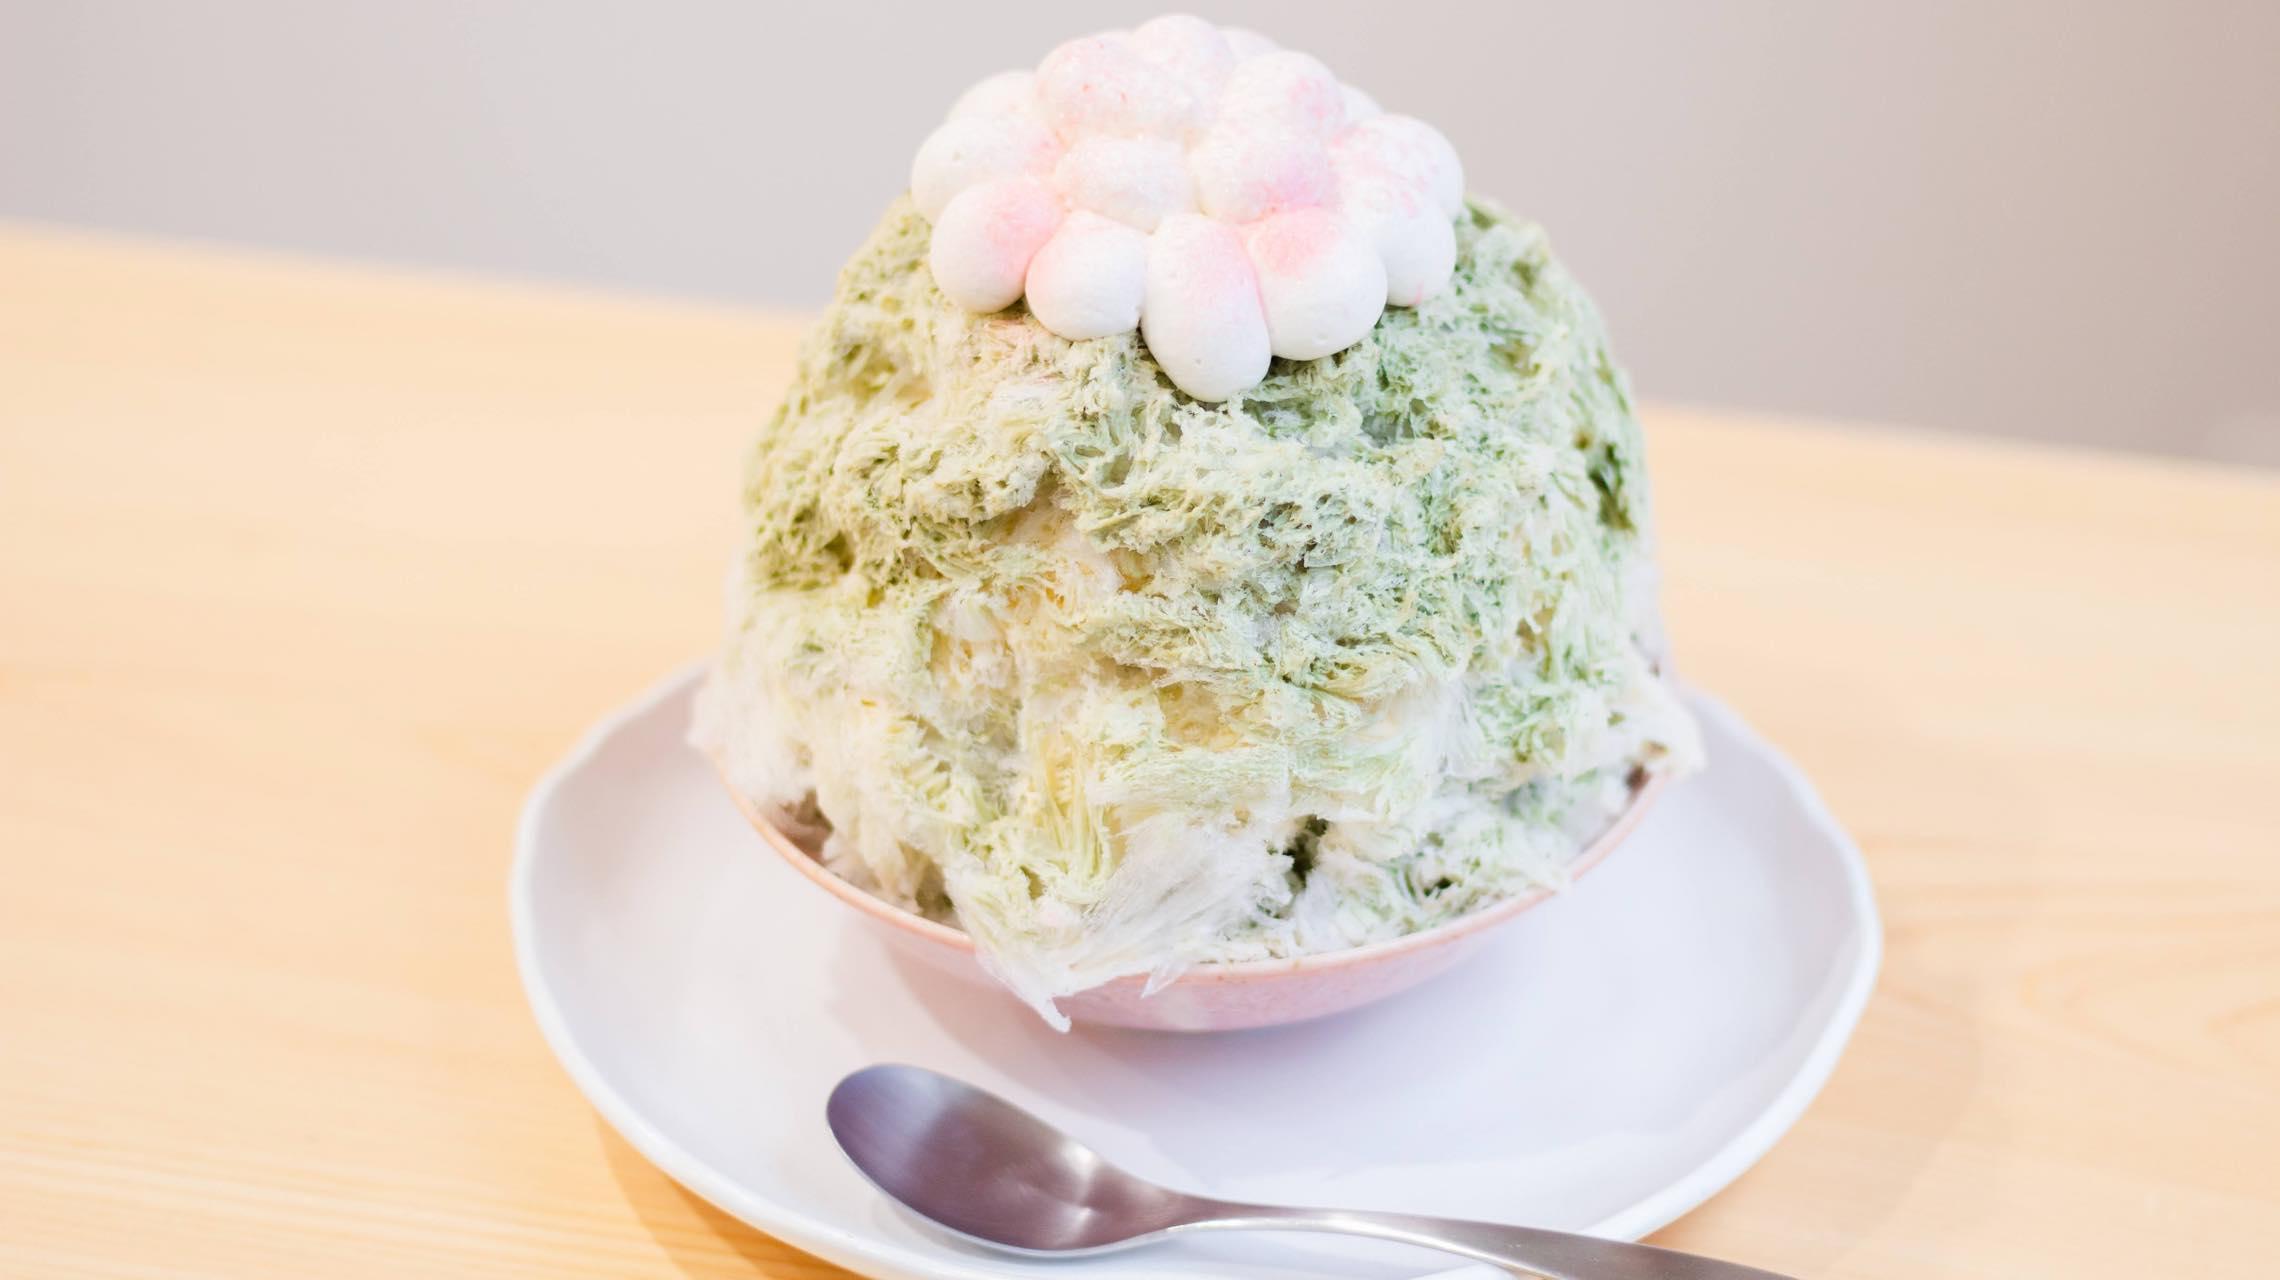 ひと口ごとに味が変わるかき氷? 驚きいっぱいの「ナナシノ氷菓店」